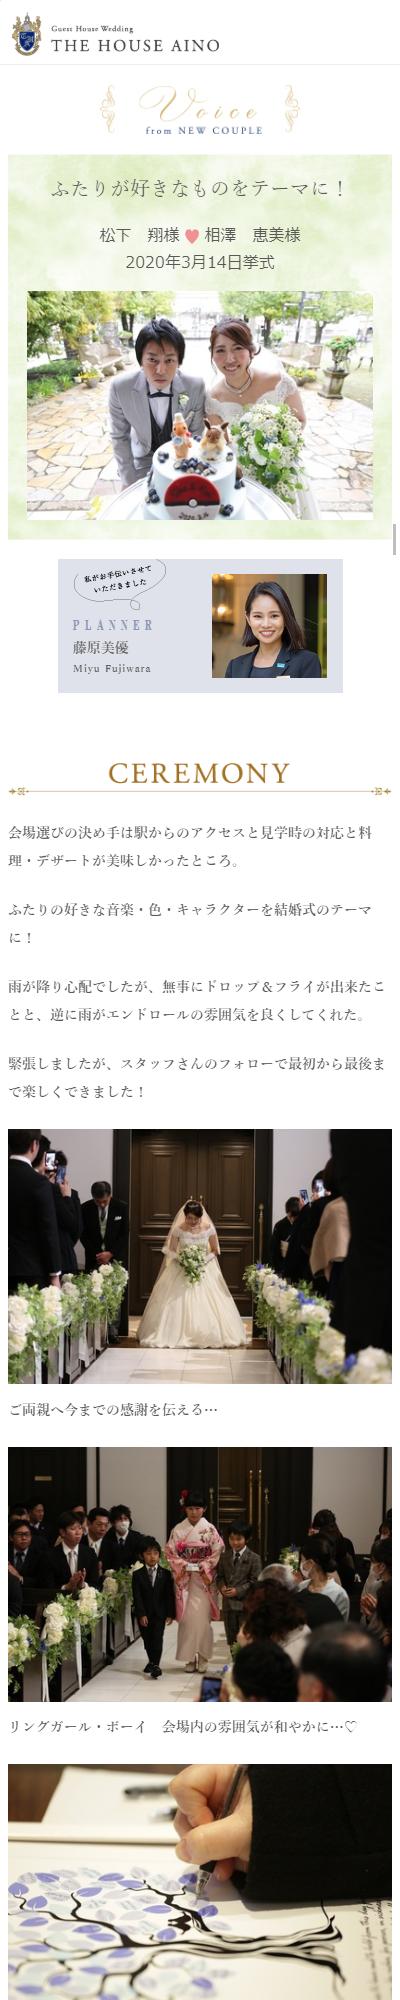 ザ・ハウス愛野様 サイトリニューアル(株式会社エイティ・プロ様)